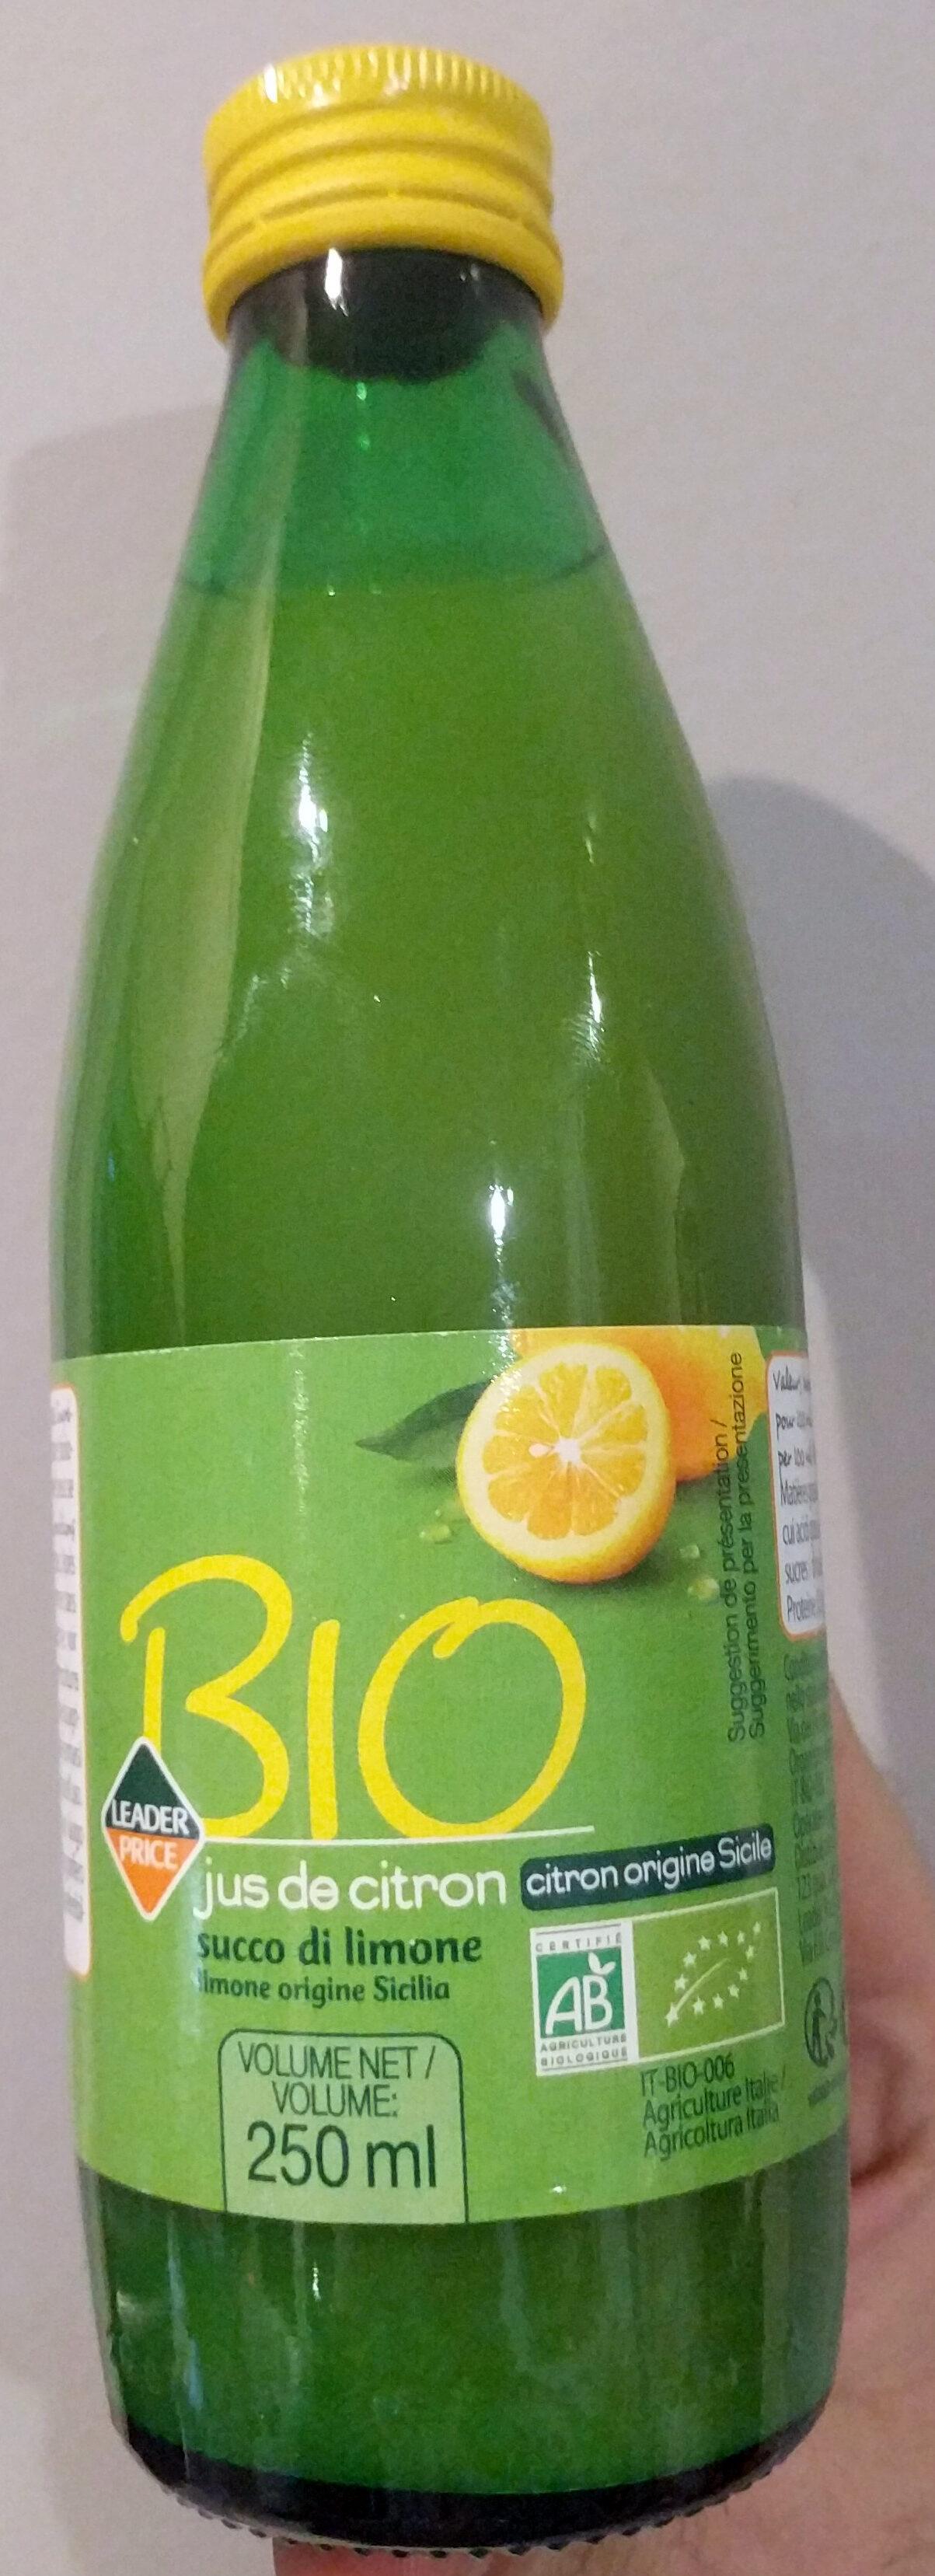 Jus de citron bio - Product - fr